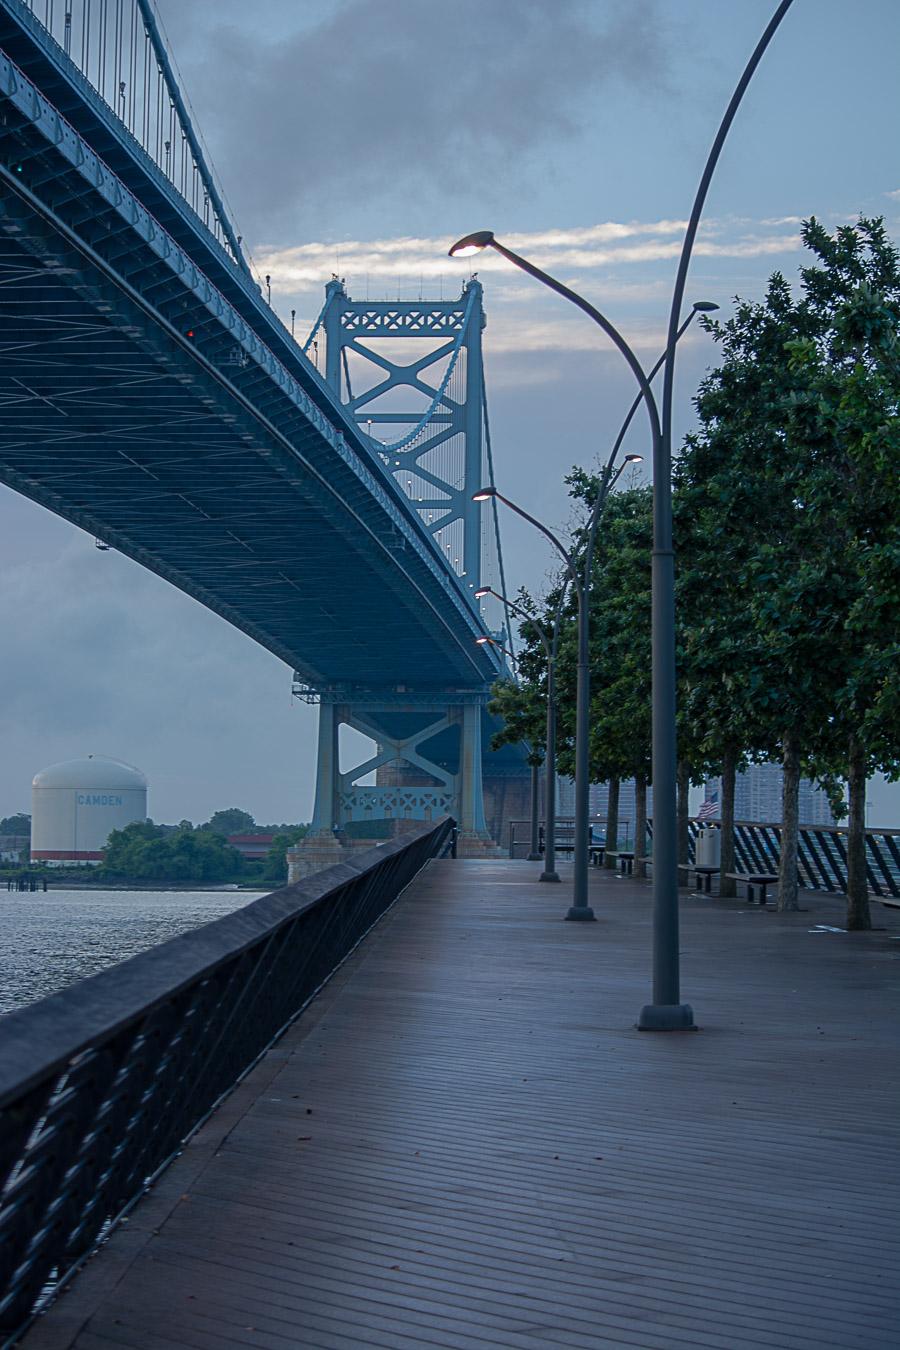 Ben Frankline Bridge 5 (1 of 1).jpg